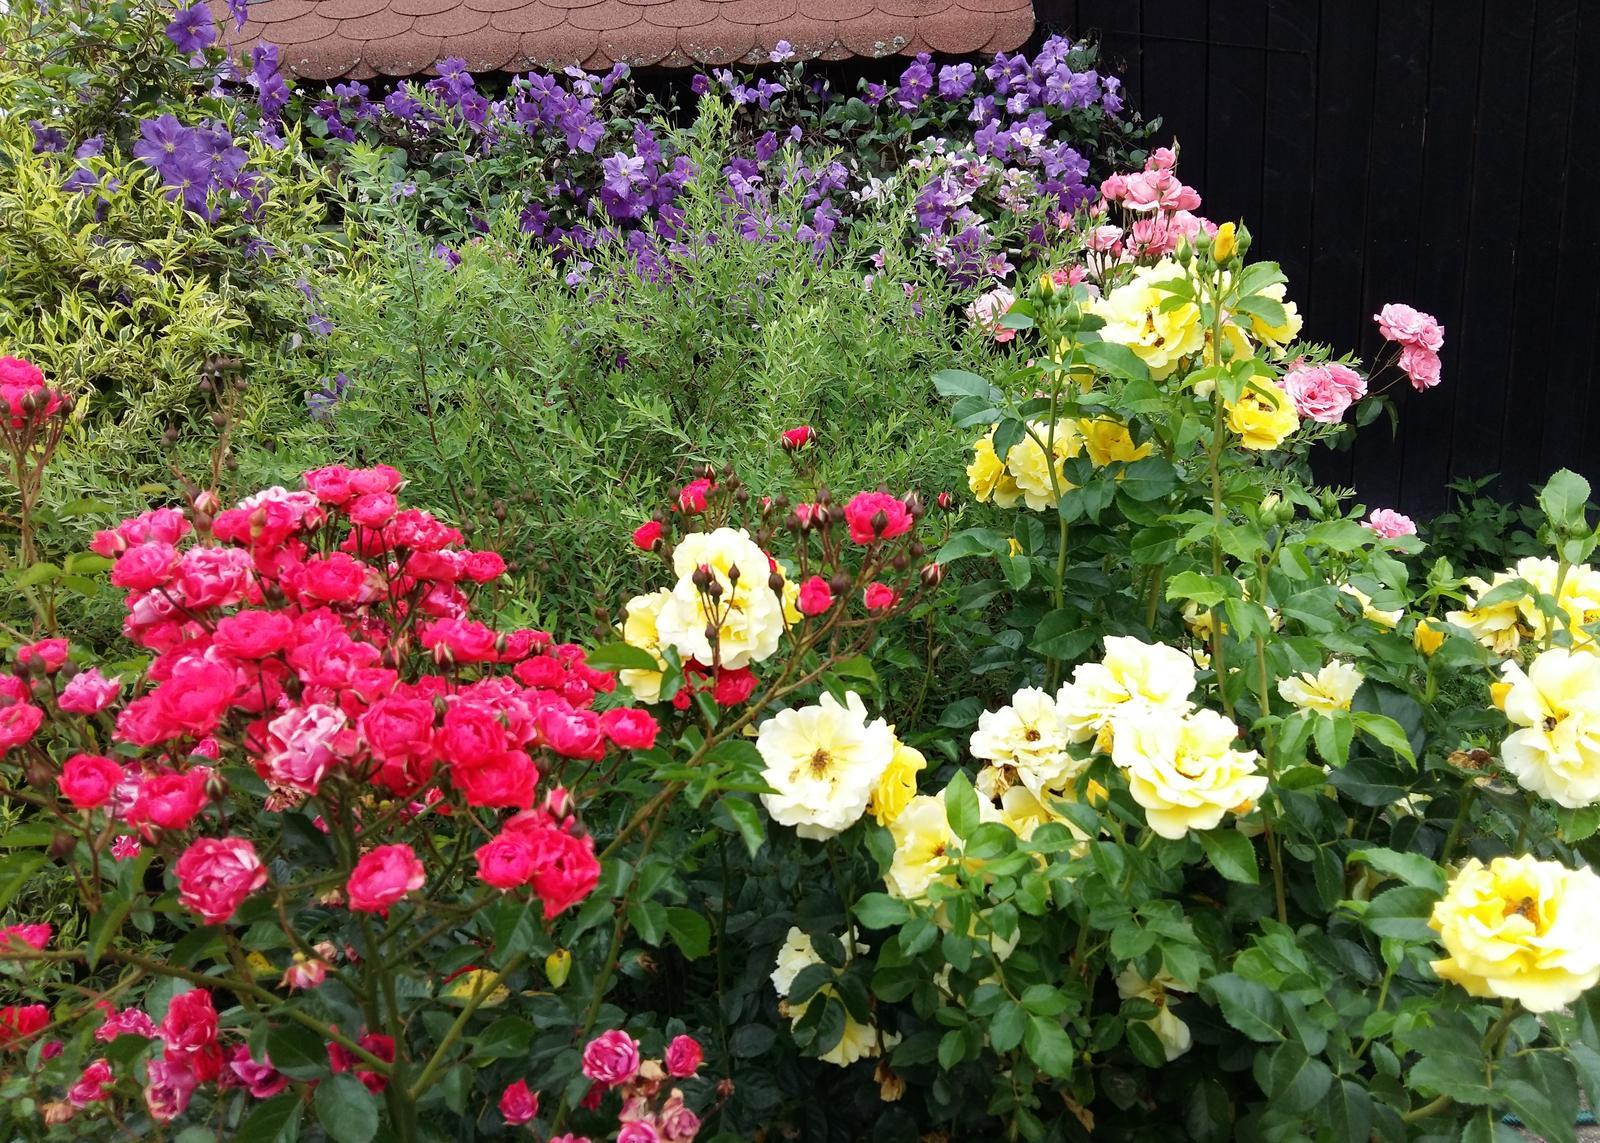 Ružový raj - Clematis skrýva bránku k susede.:) Aby sme nemuseli chodiť naokolo na kávu :) Niet nad dobrého suseda.:)